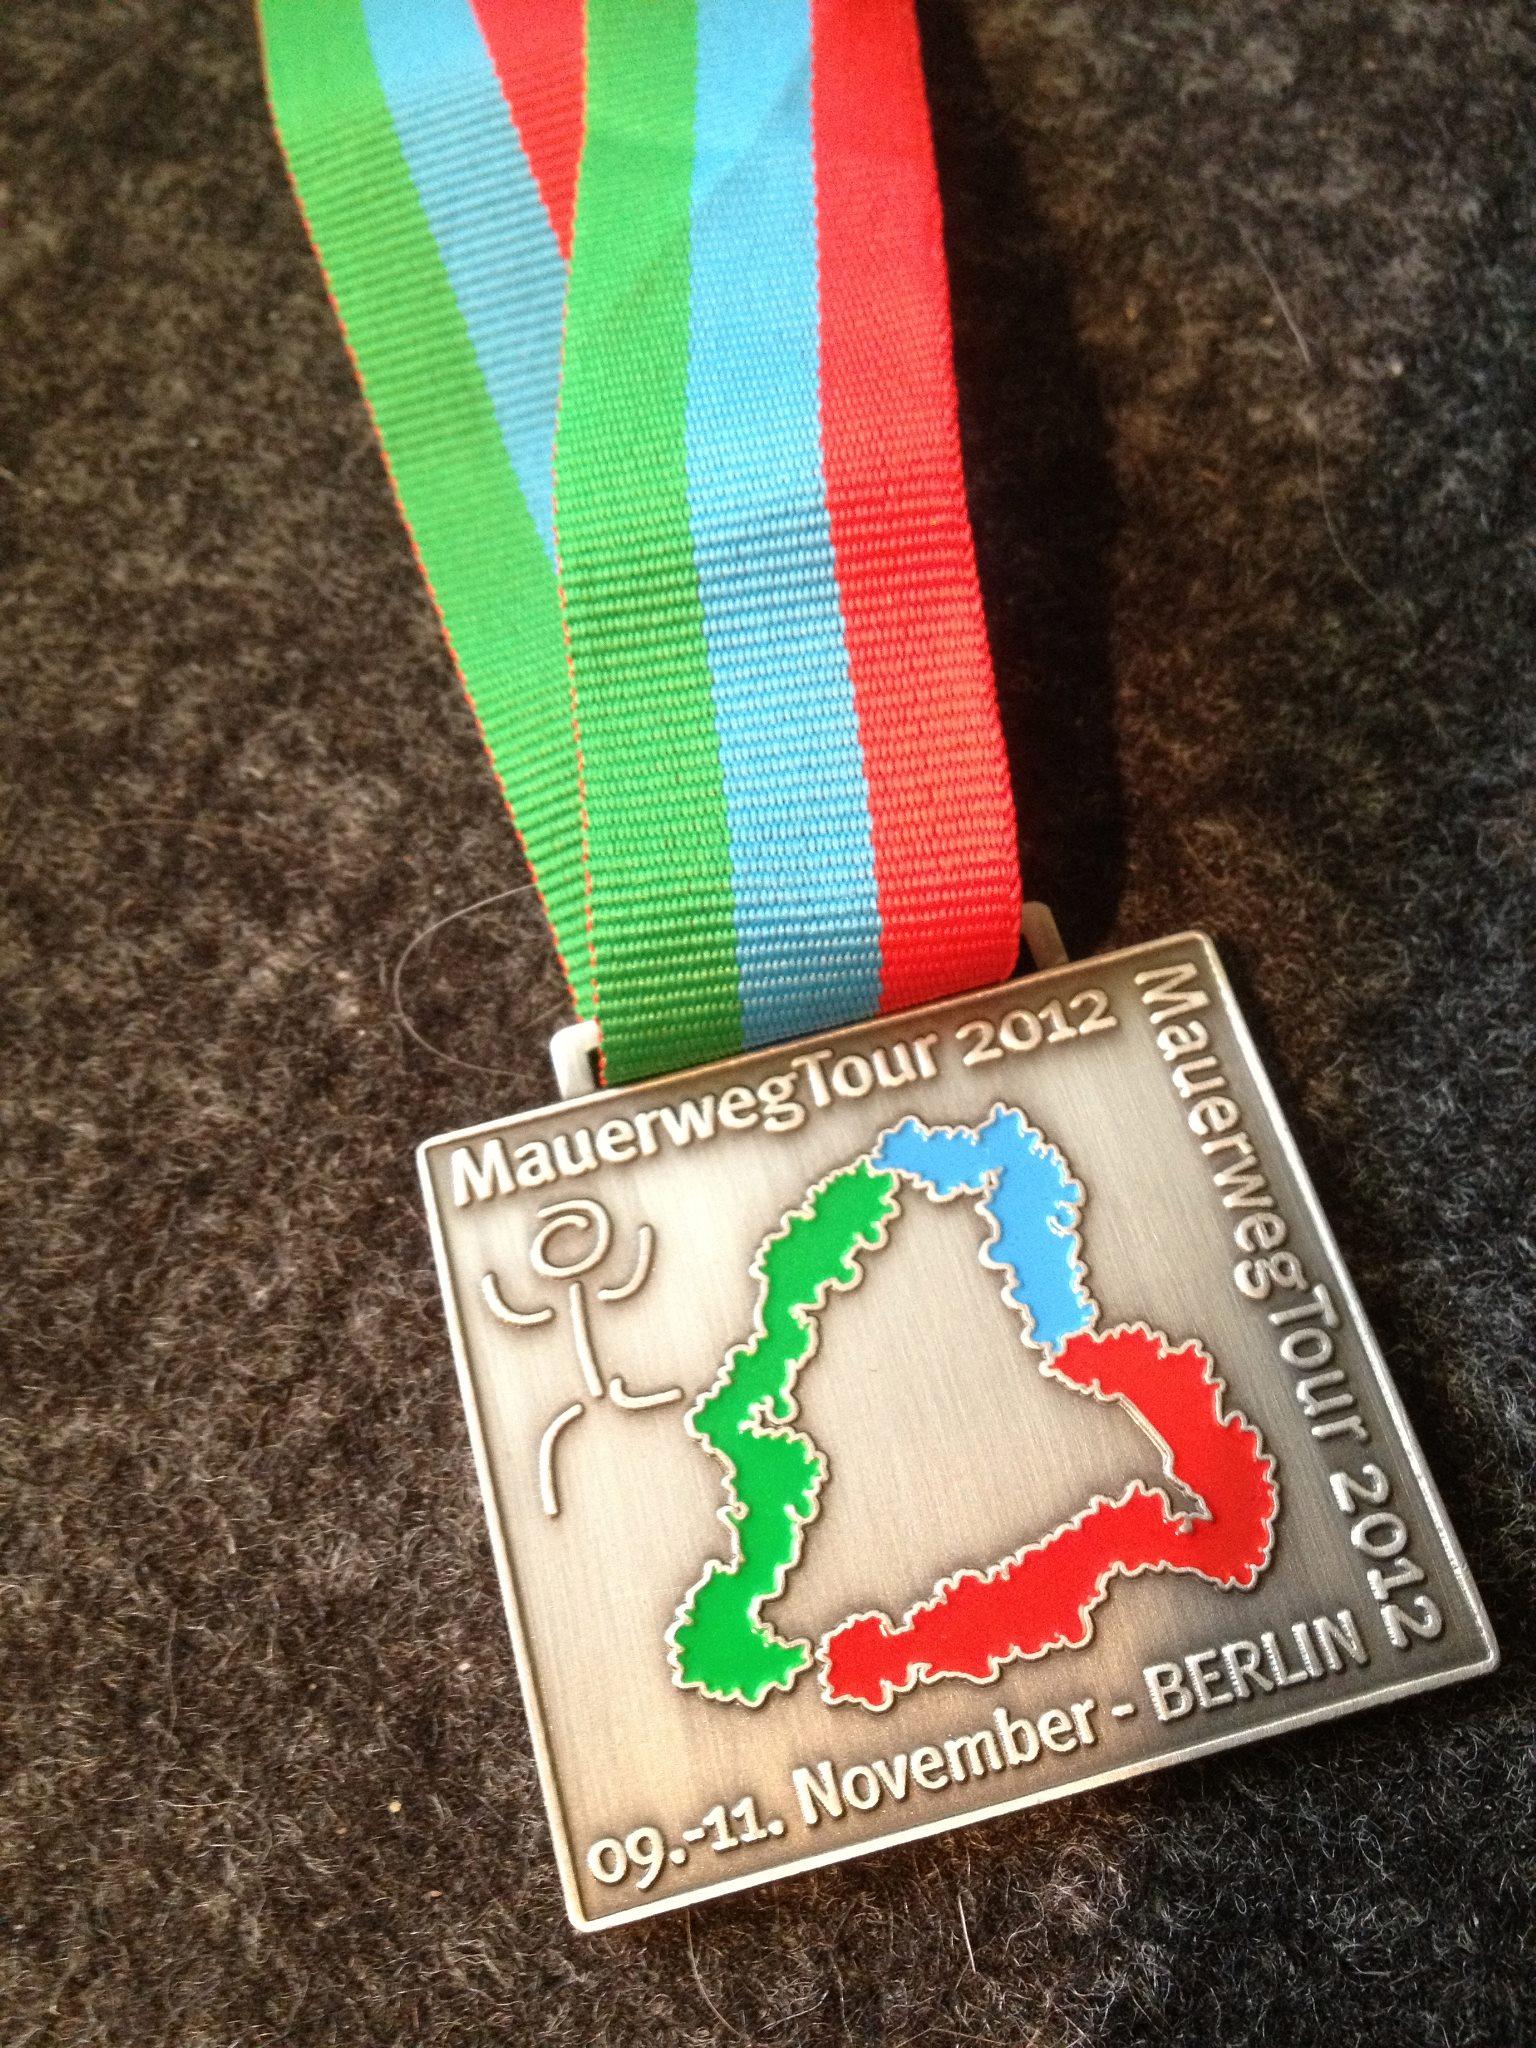 Für die Finisher gibt es Urkunden und Medaillen, hier zu sehen die Medaille aus dem Jahr 2012.